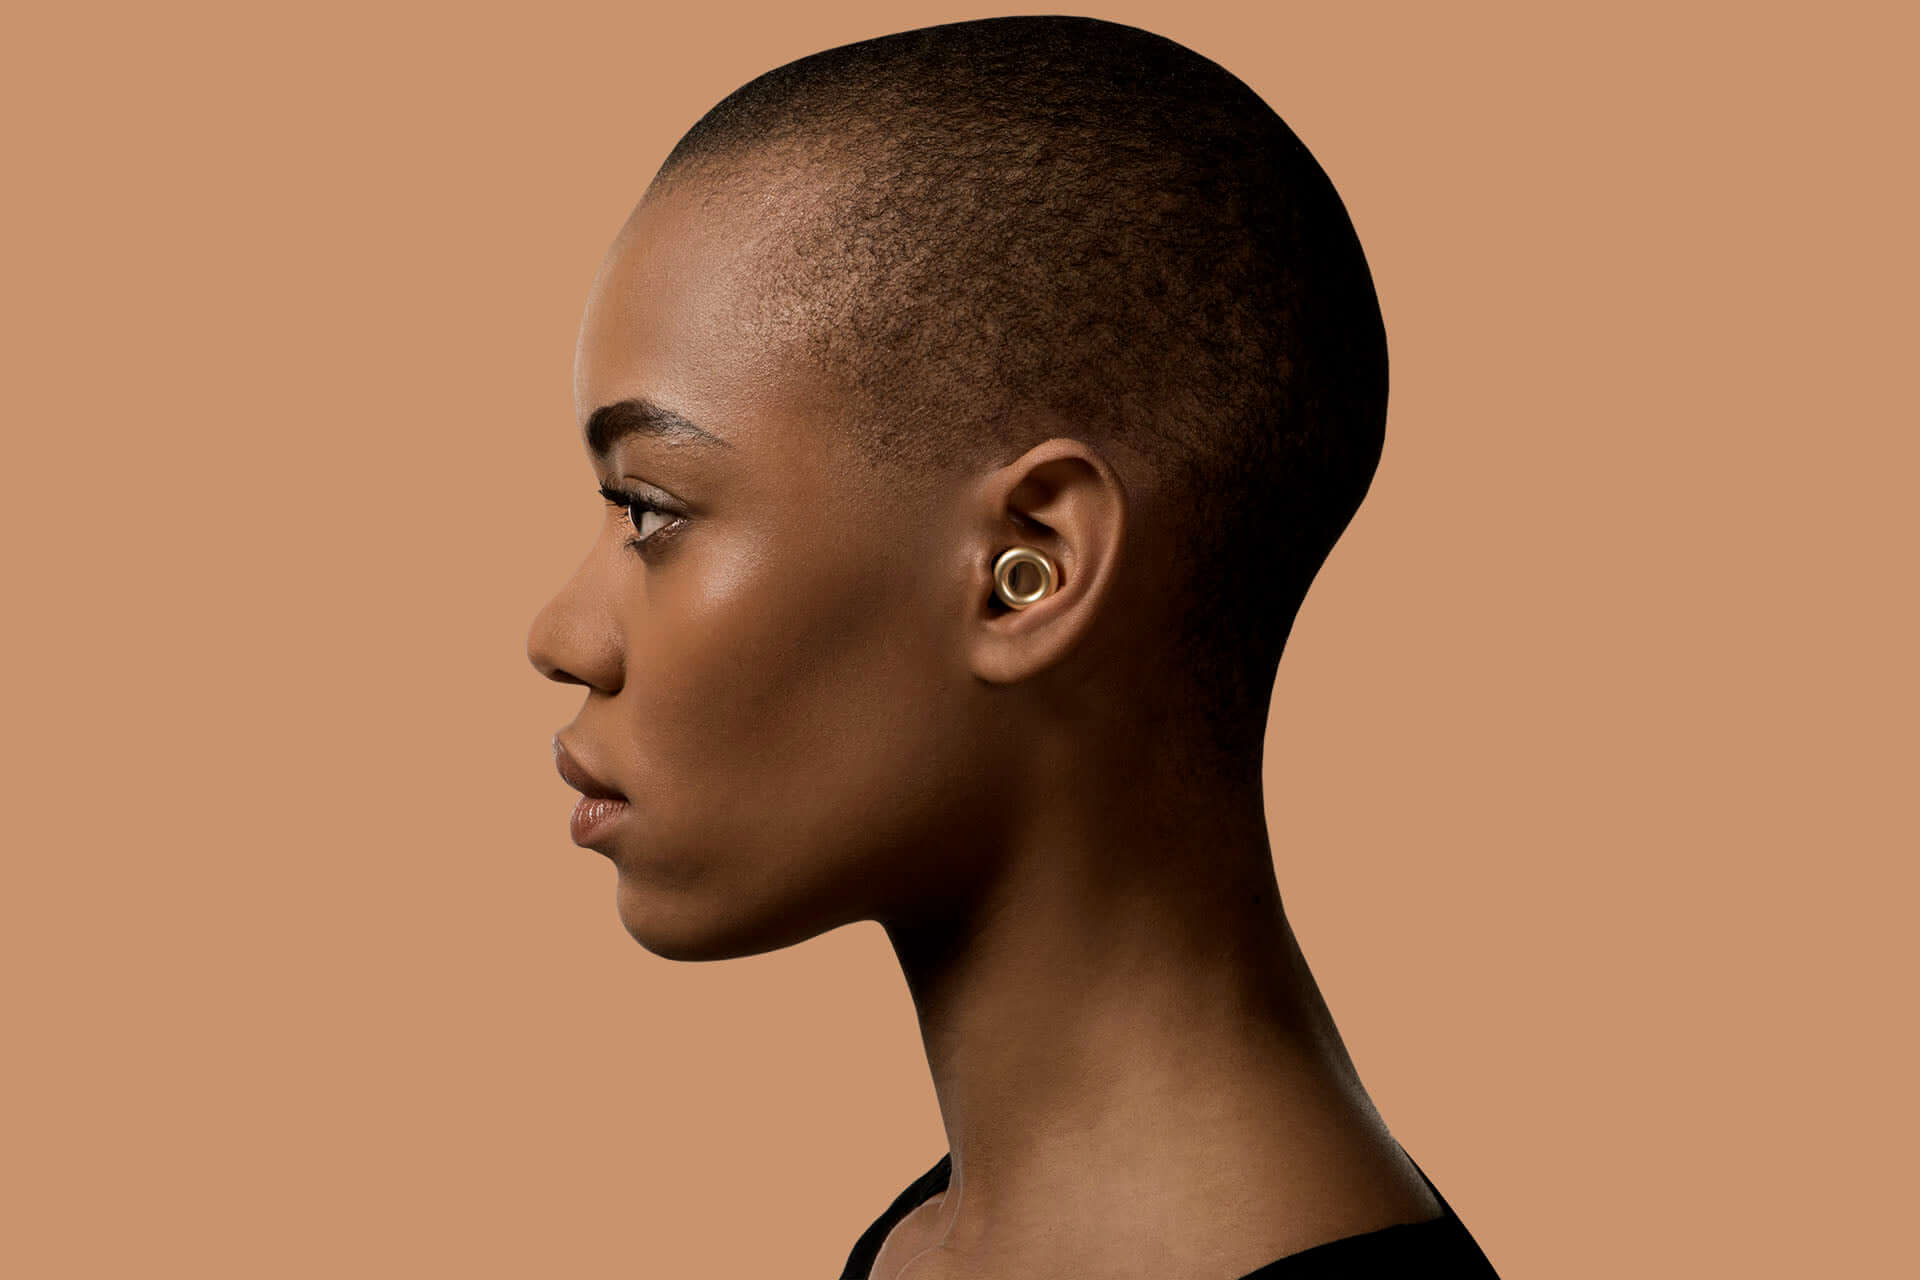 音楽を愛する全ての人の「耳」を守る、イヤリングのようなイヤープラグ『LOOP』が発売決定 tech191119_loop0-1920x1280